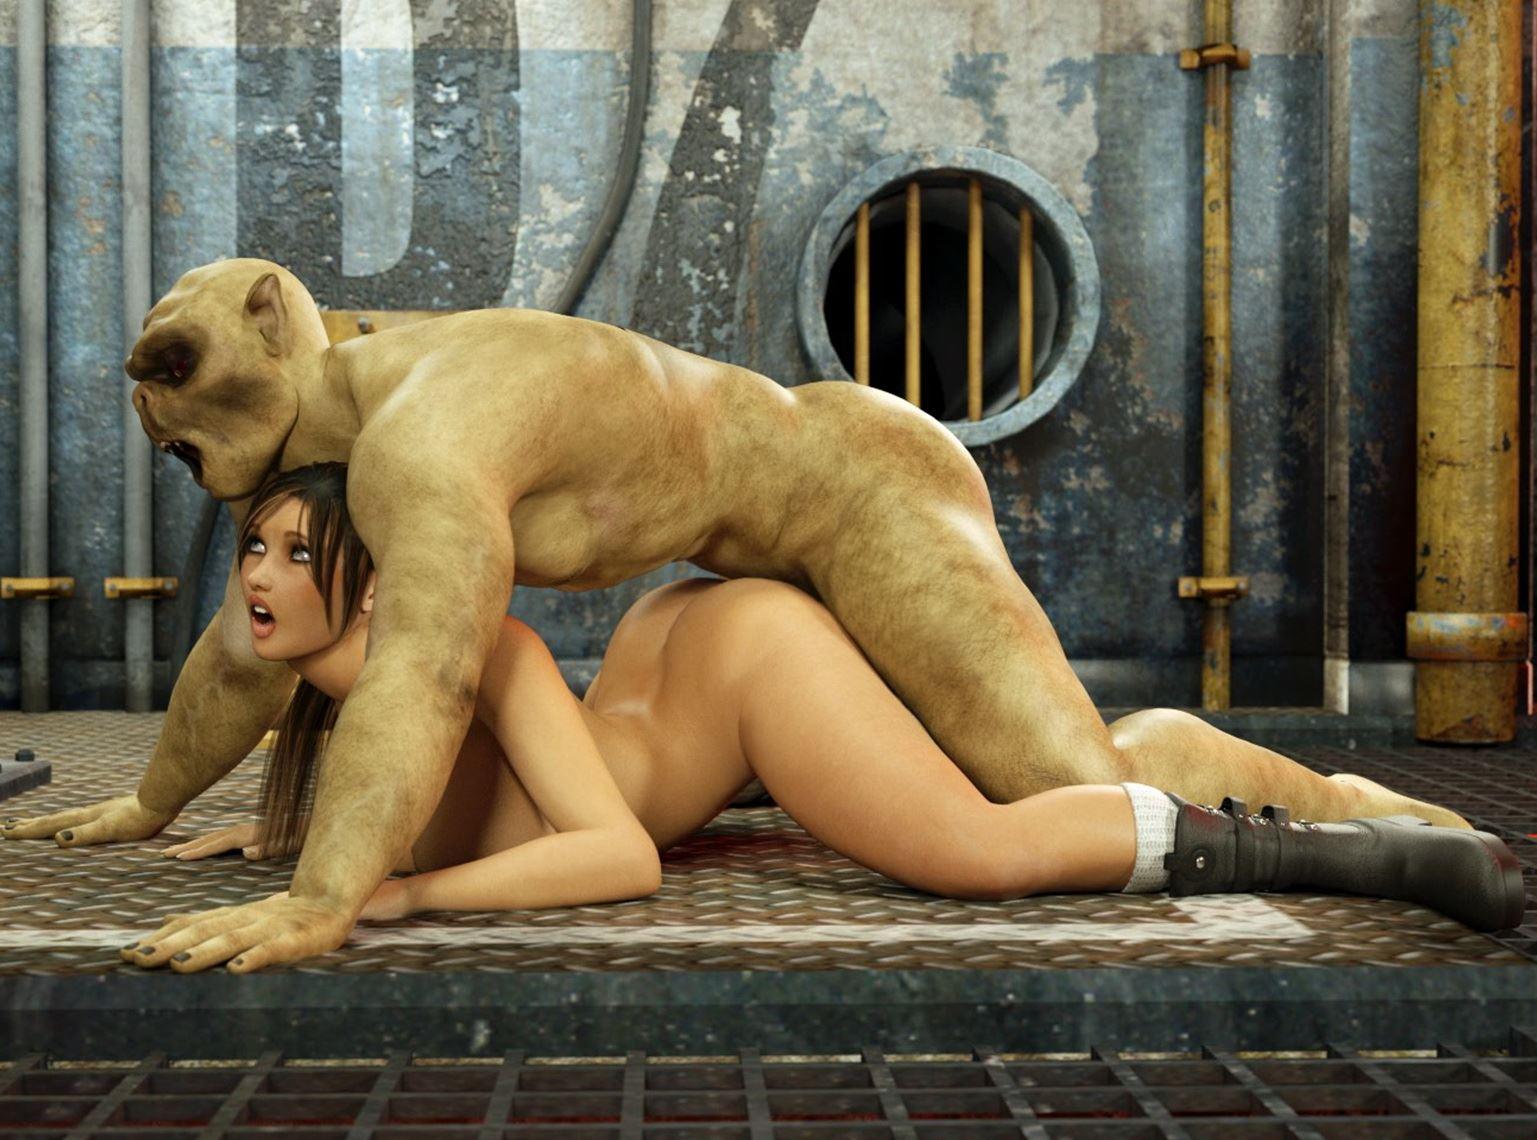 3d cartoo photo sex pics porn images